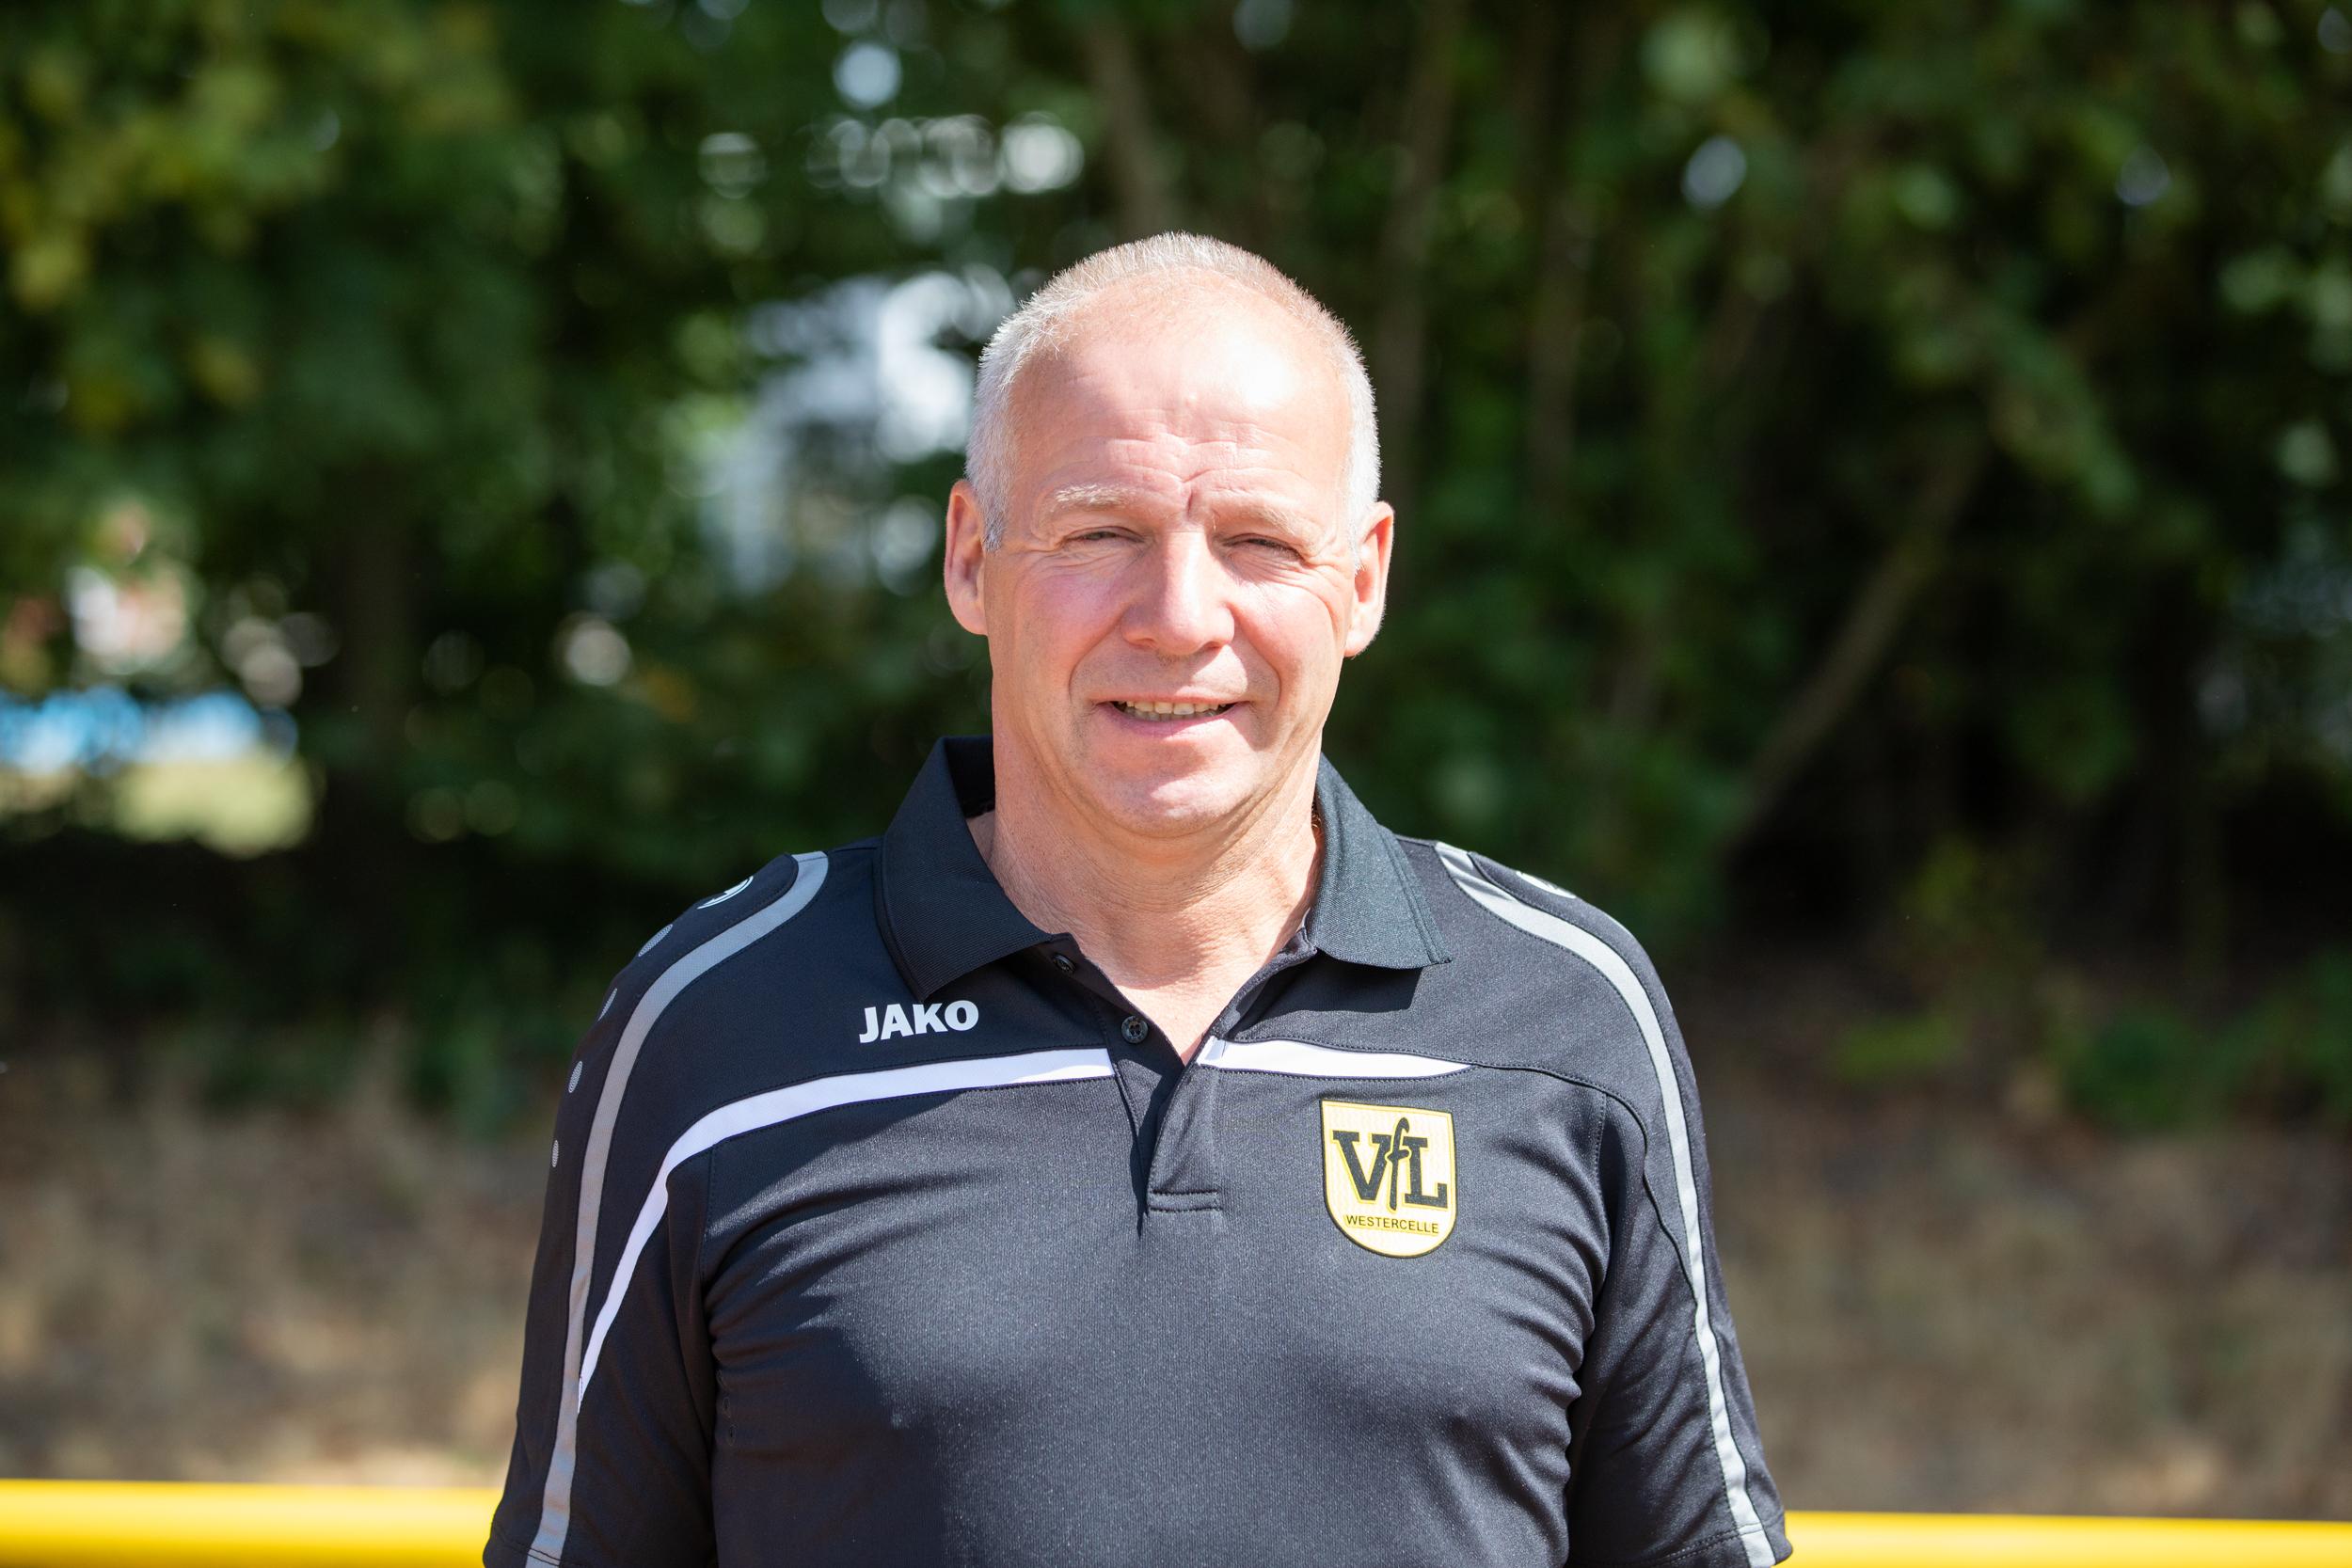 Uwe Woitschek